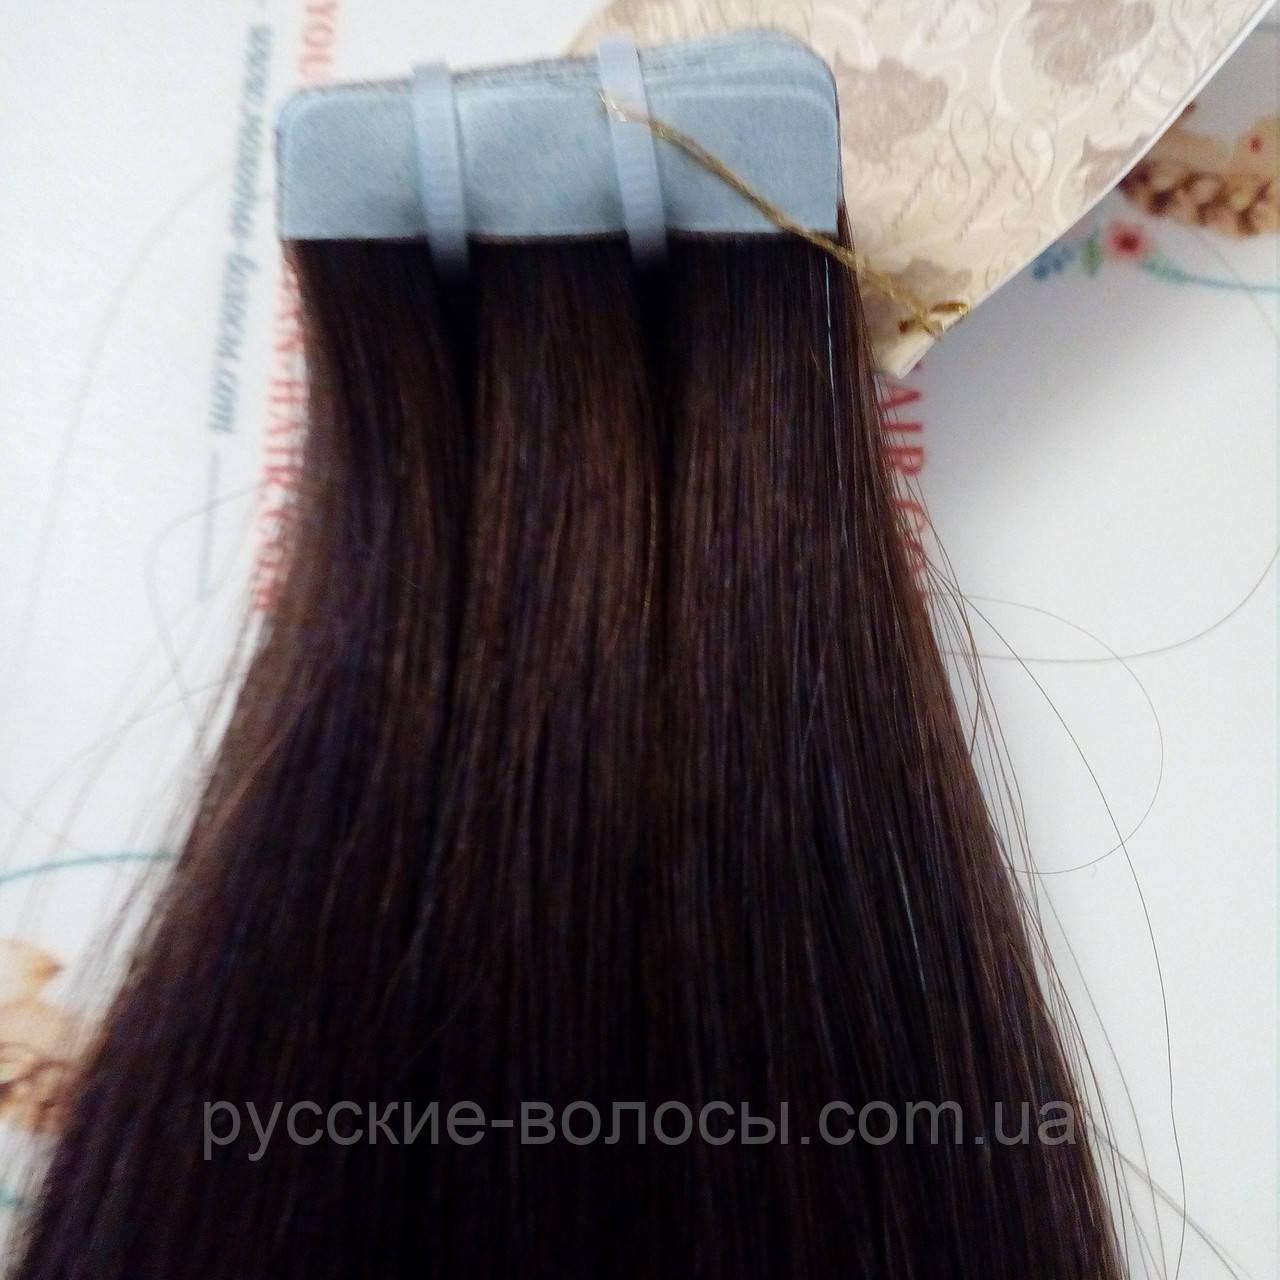 Волосы на лентах интернет магазин